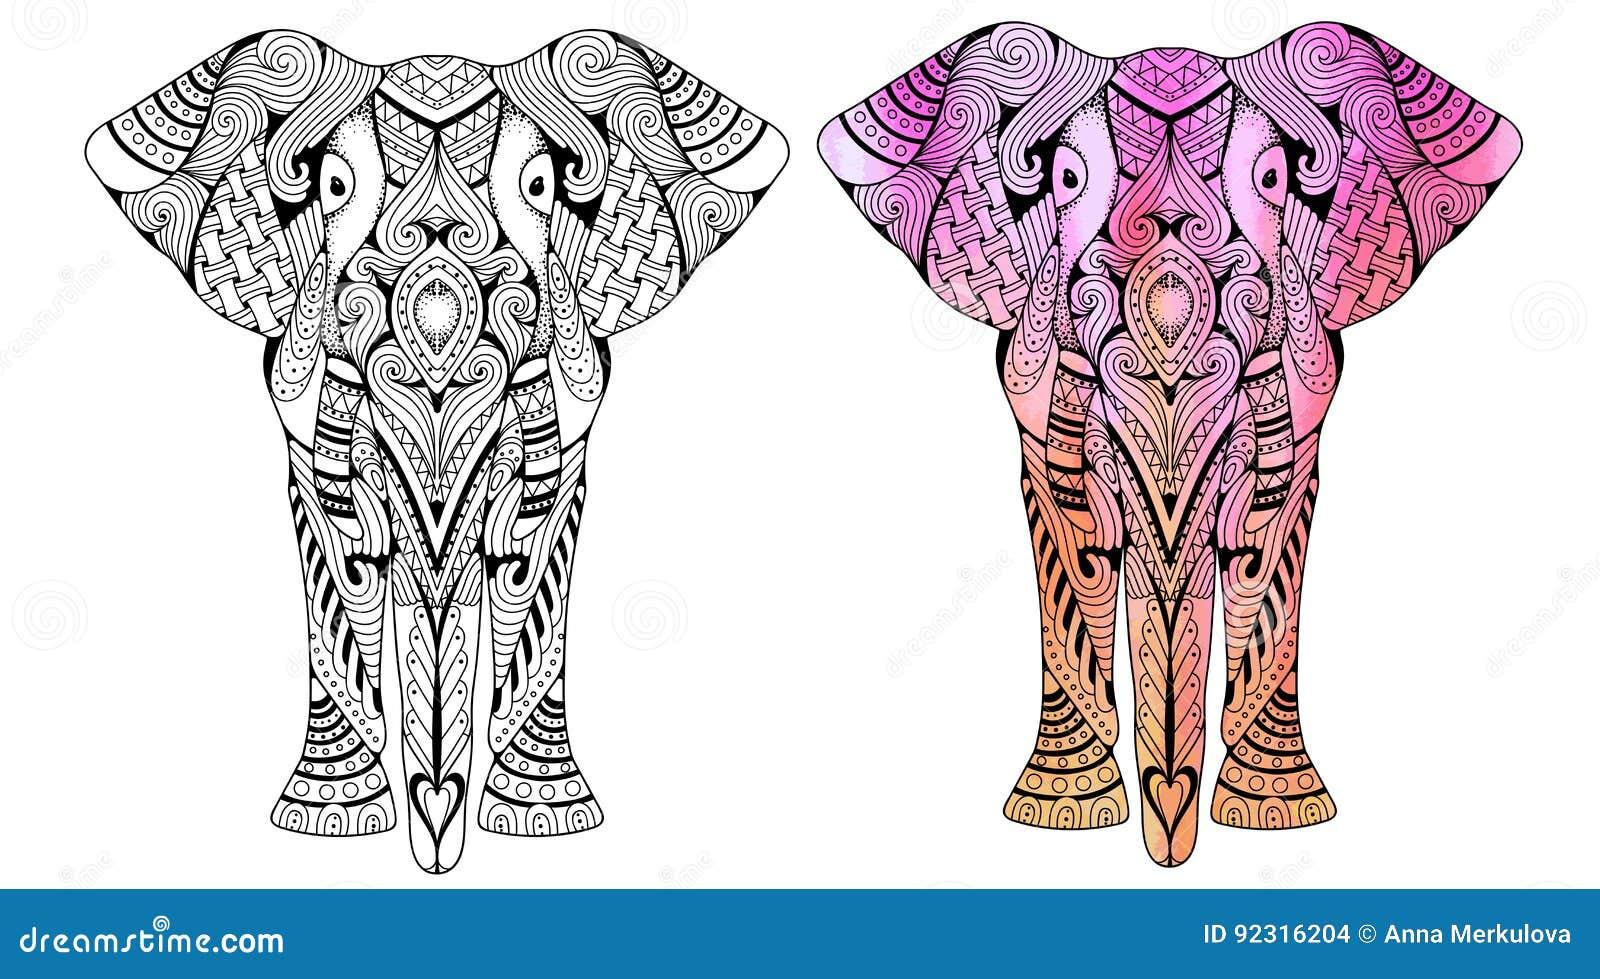 Coloriage Elephant Pour Adulte.Livre De Coloriage D Elephant Pour L Illustration De Vecteur D